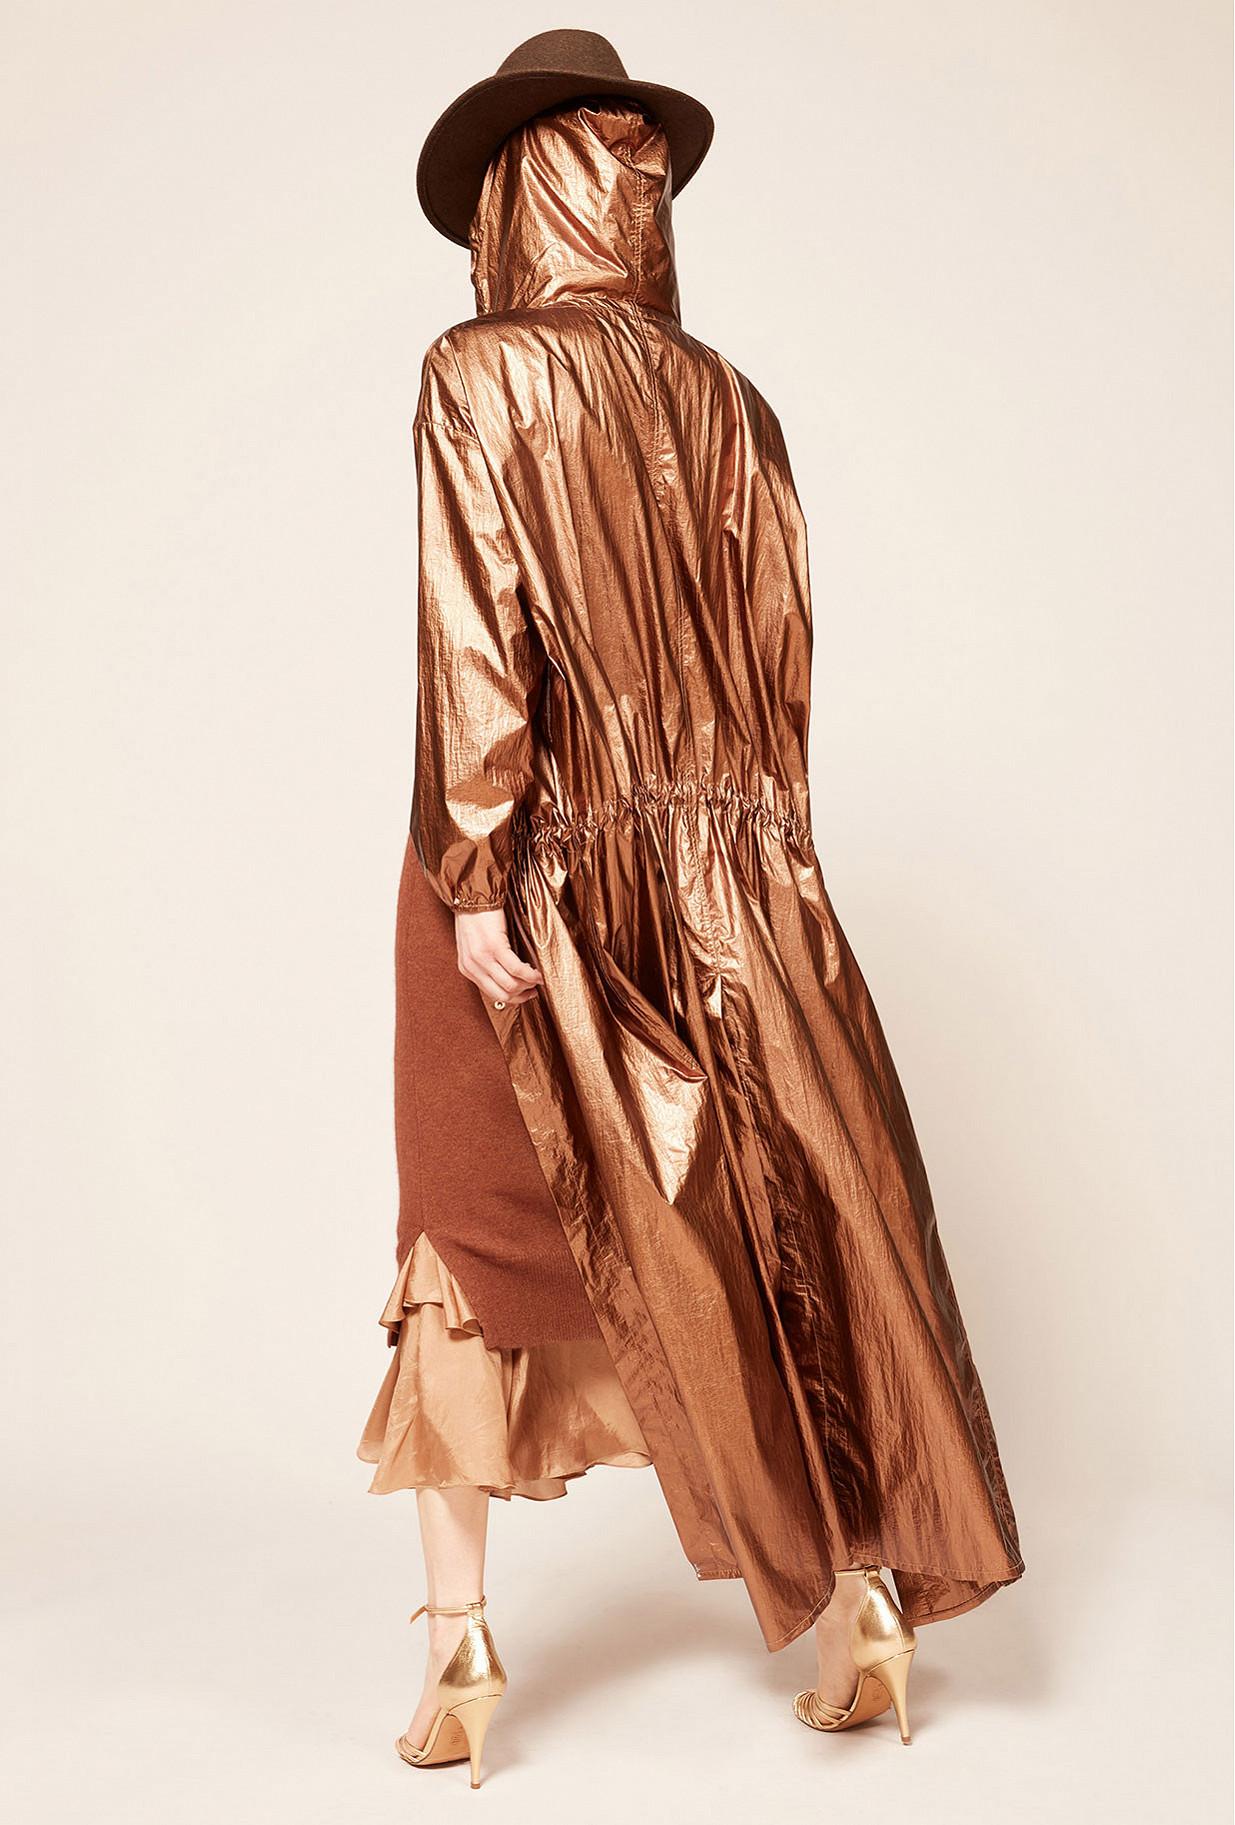 Bronze  Coat  Odyssee Mes demoiselles fashion clothes designer Paris